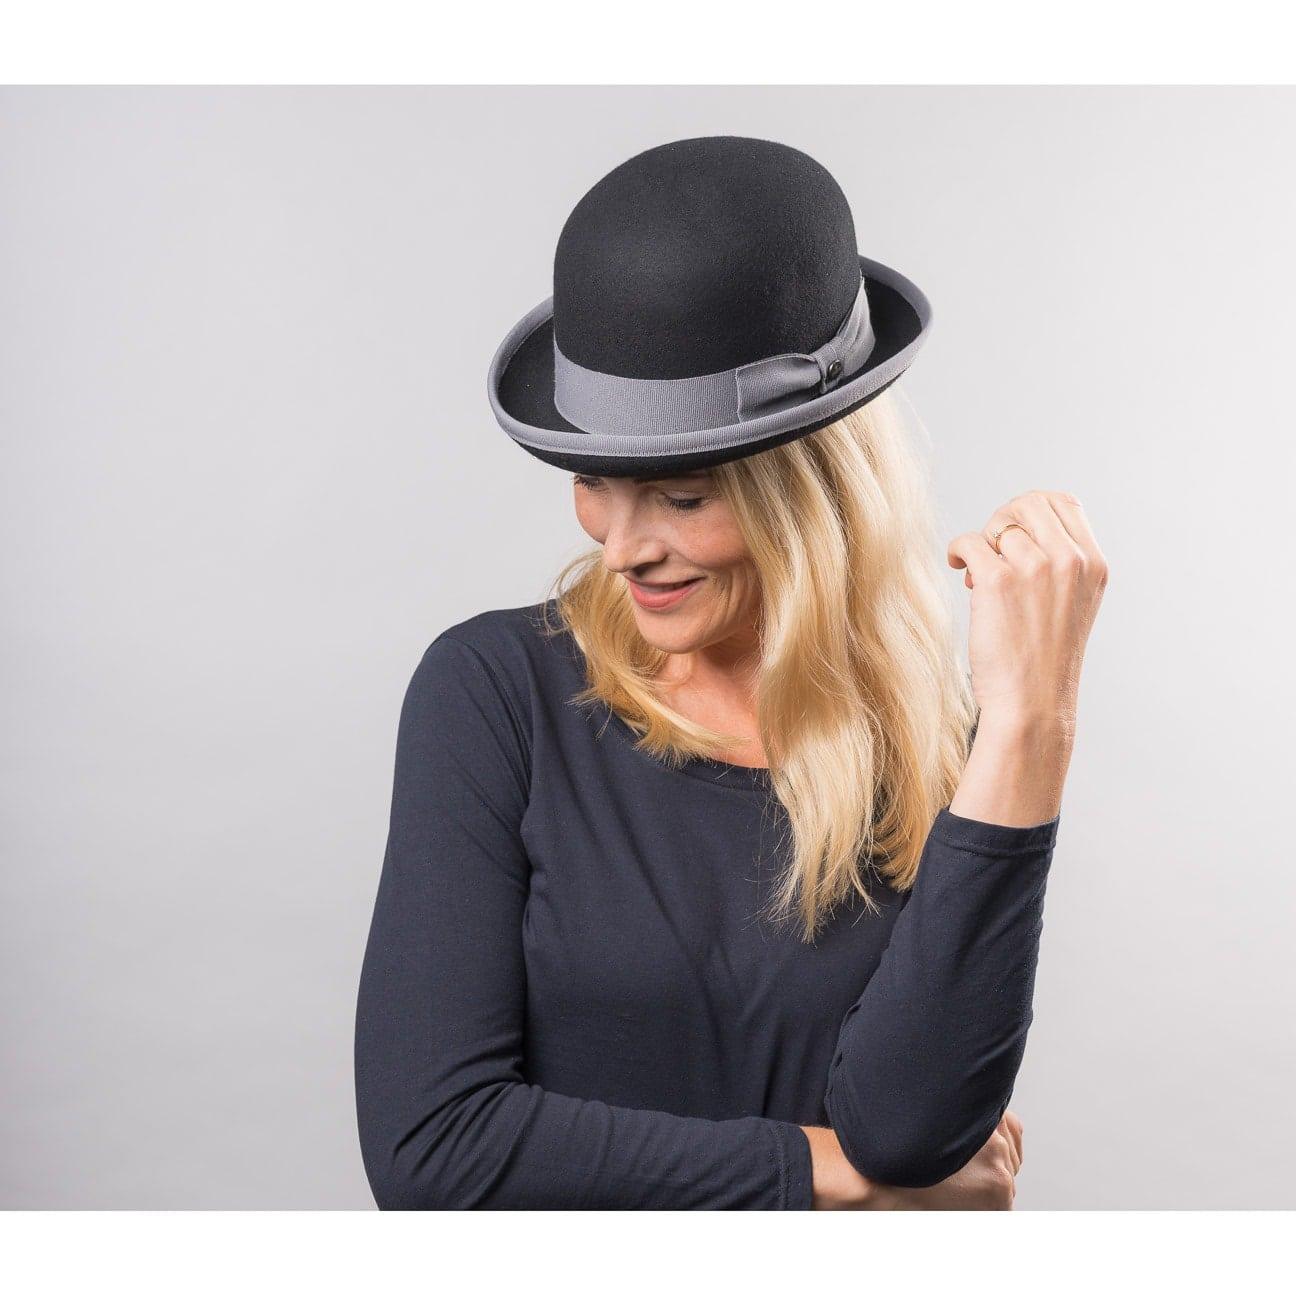 Sombrero Fieltro Bombín Twotone by Lierys - Sombreros - sombreroshop.es 94791542805